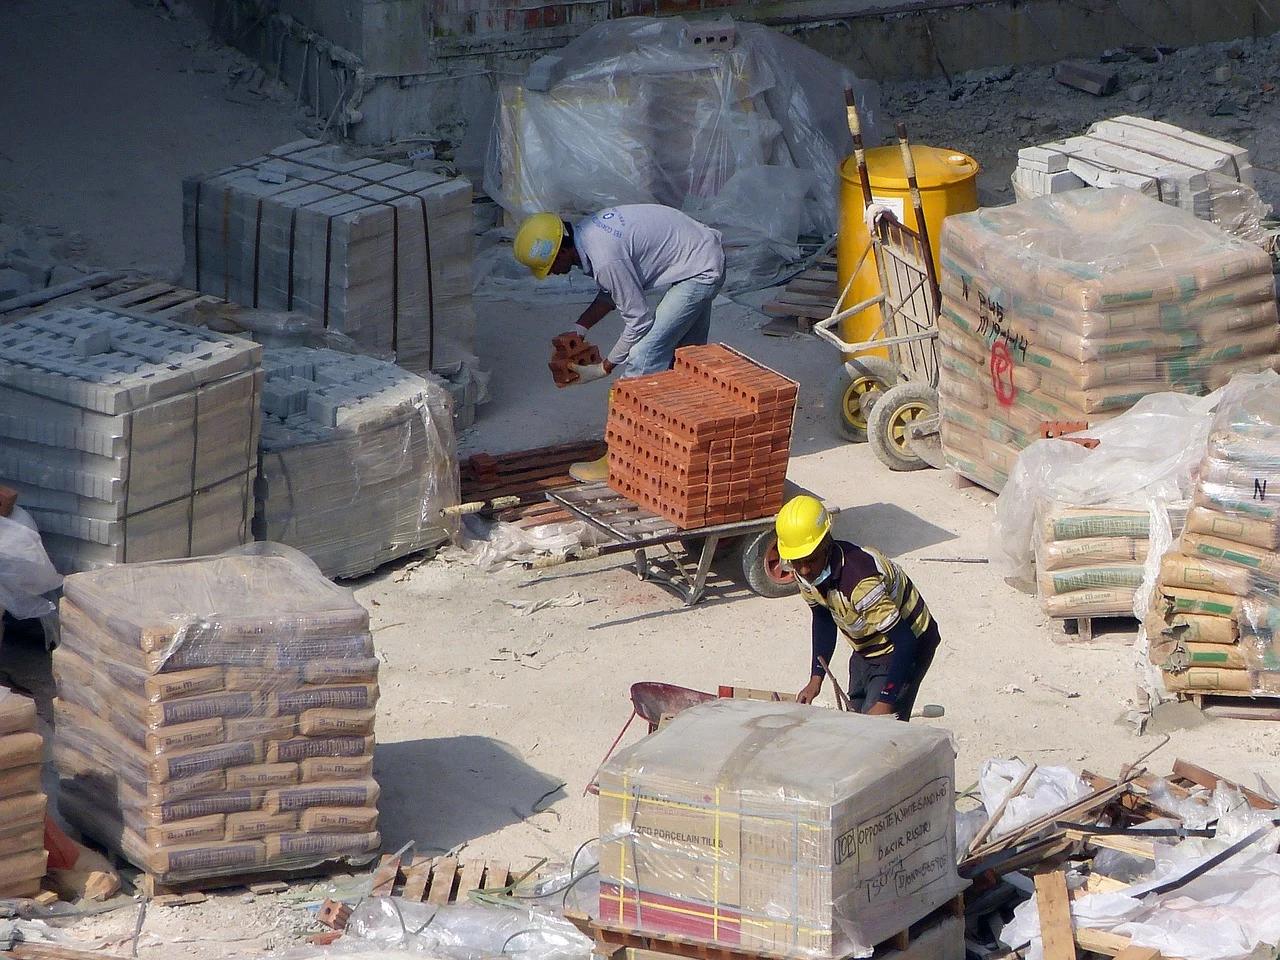 3 rzeczy, które musisz zrobić, żeby zabezpieczyć plac budowy